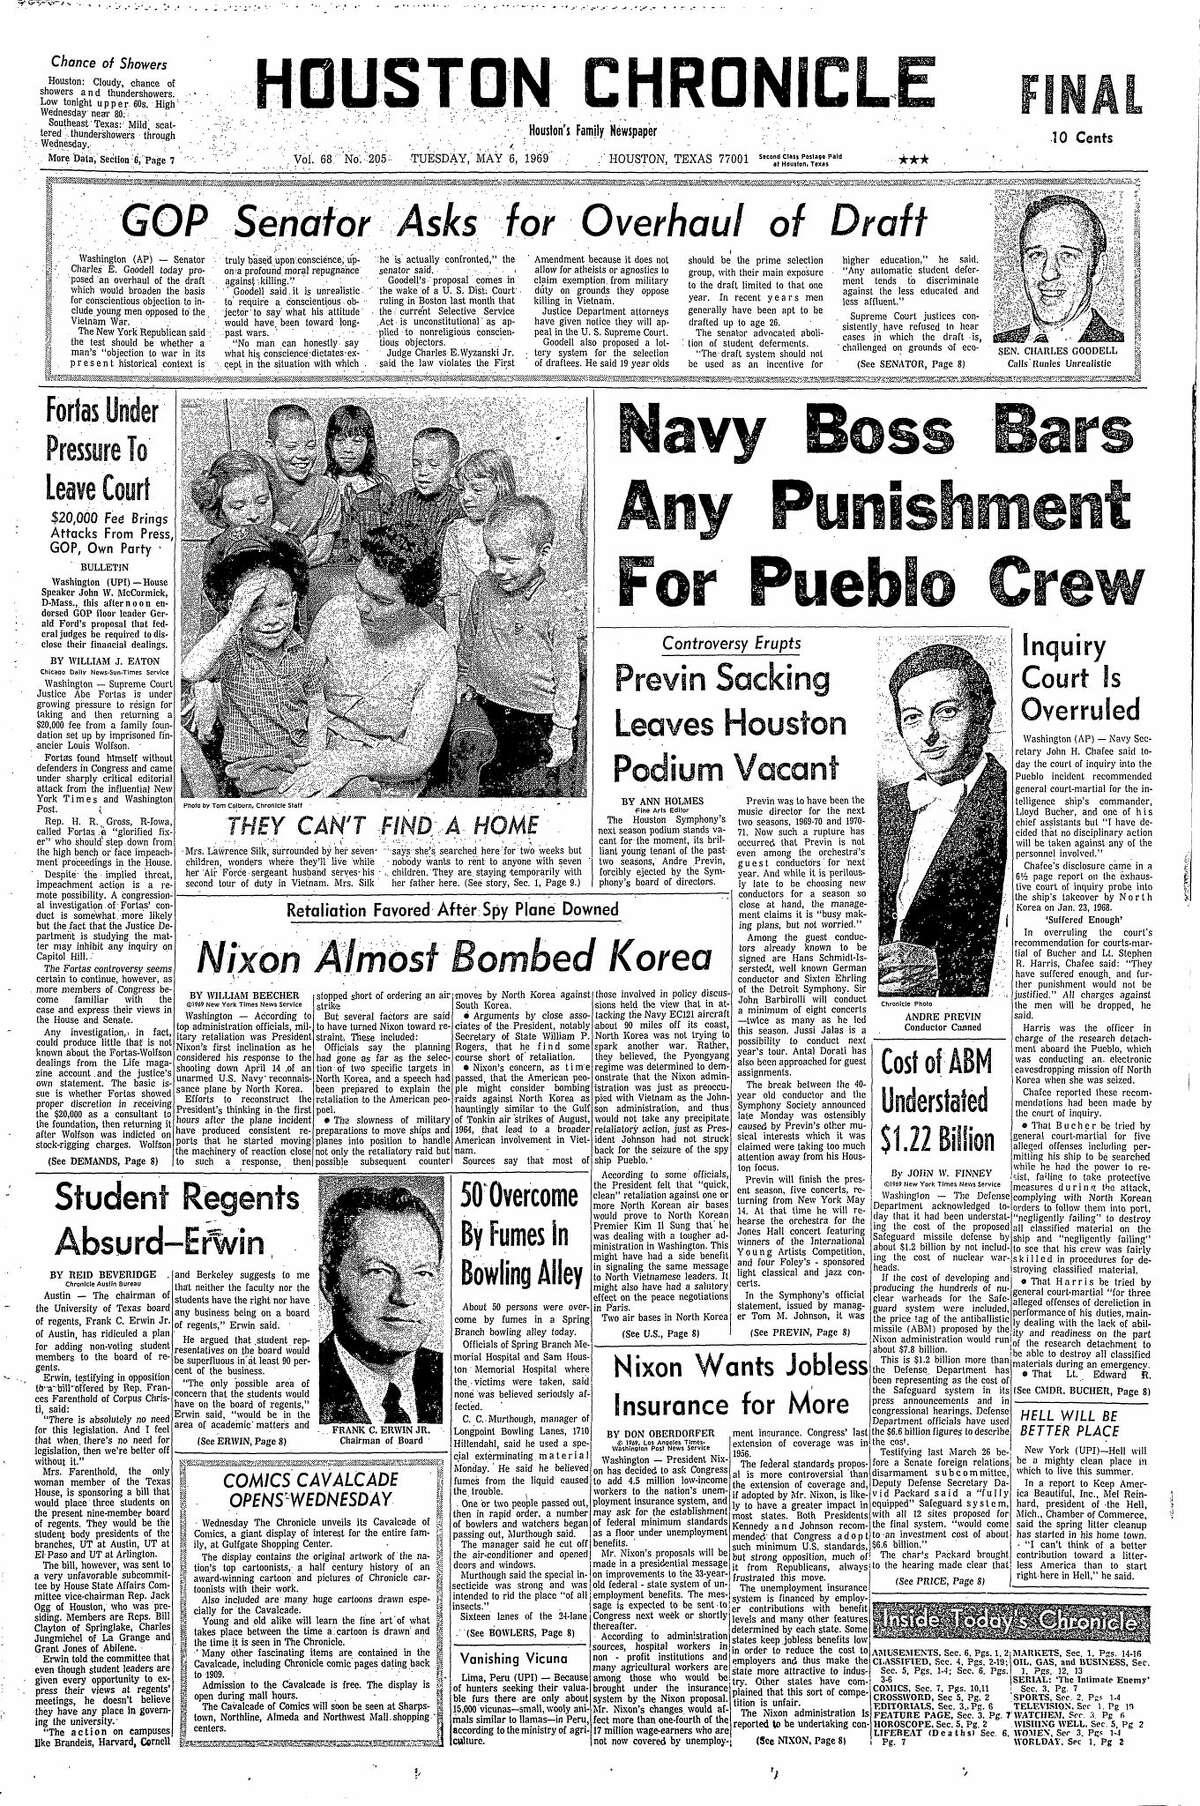 May 6, 1969